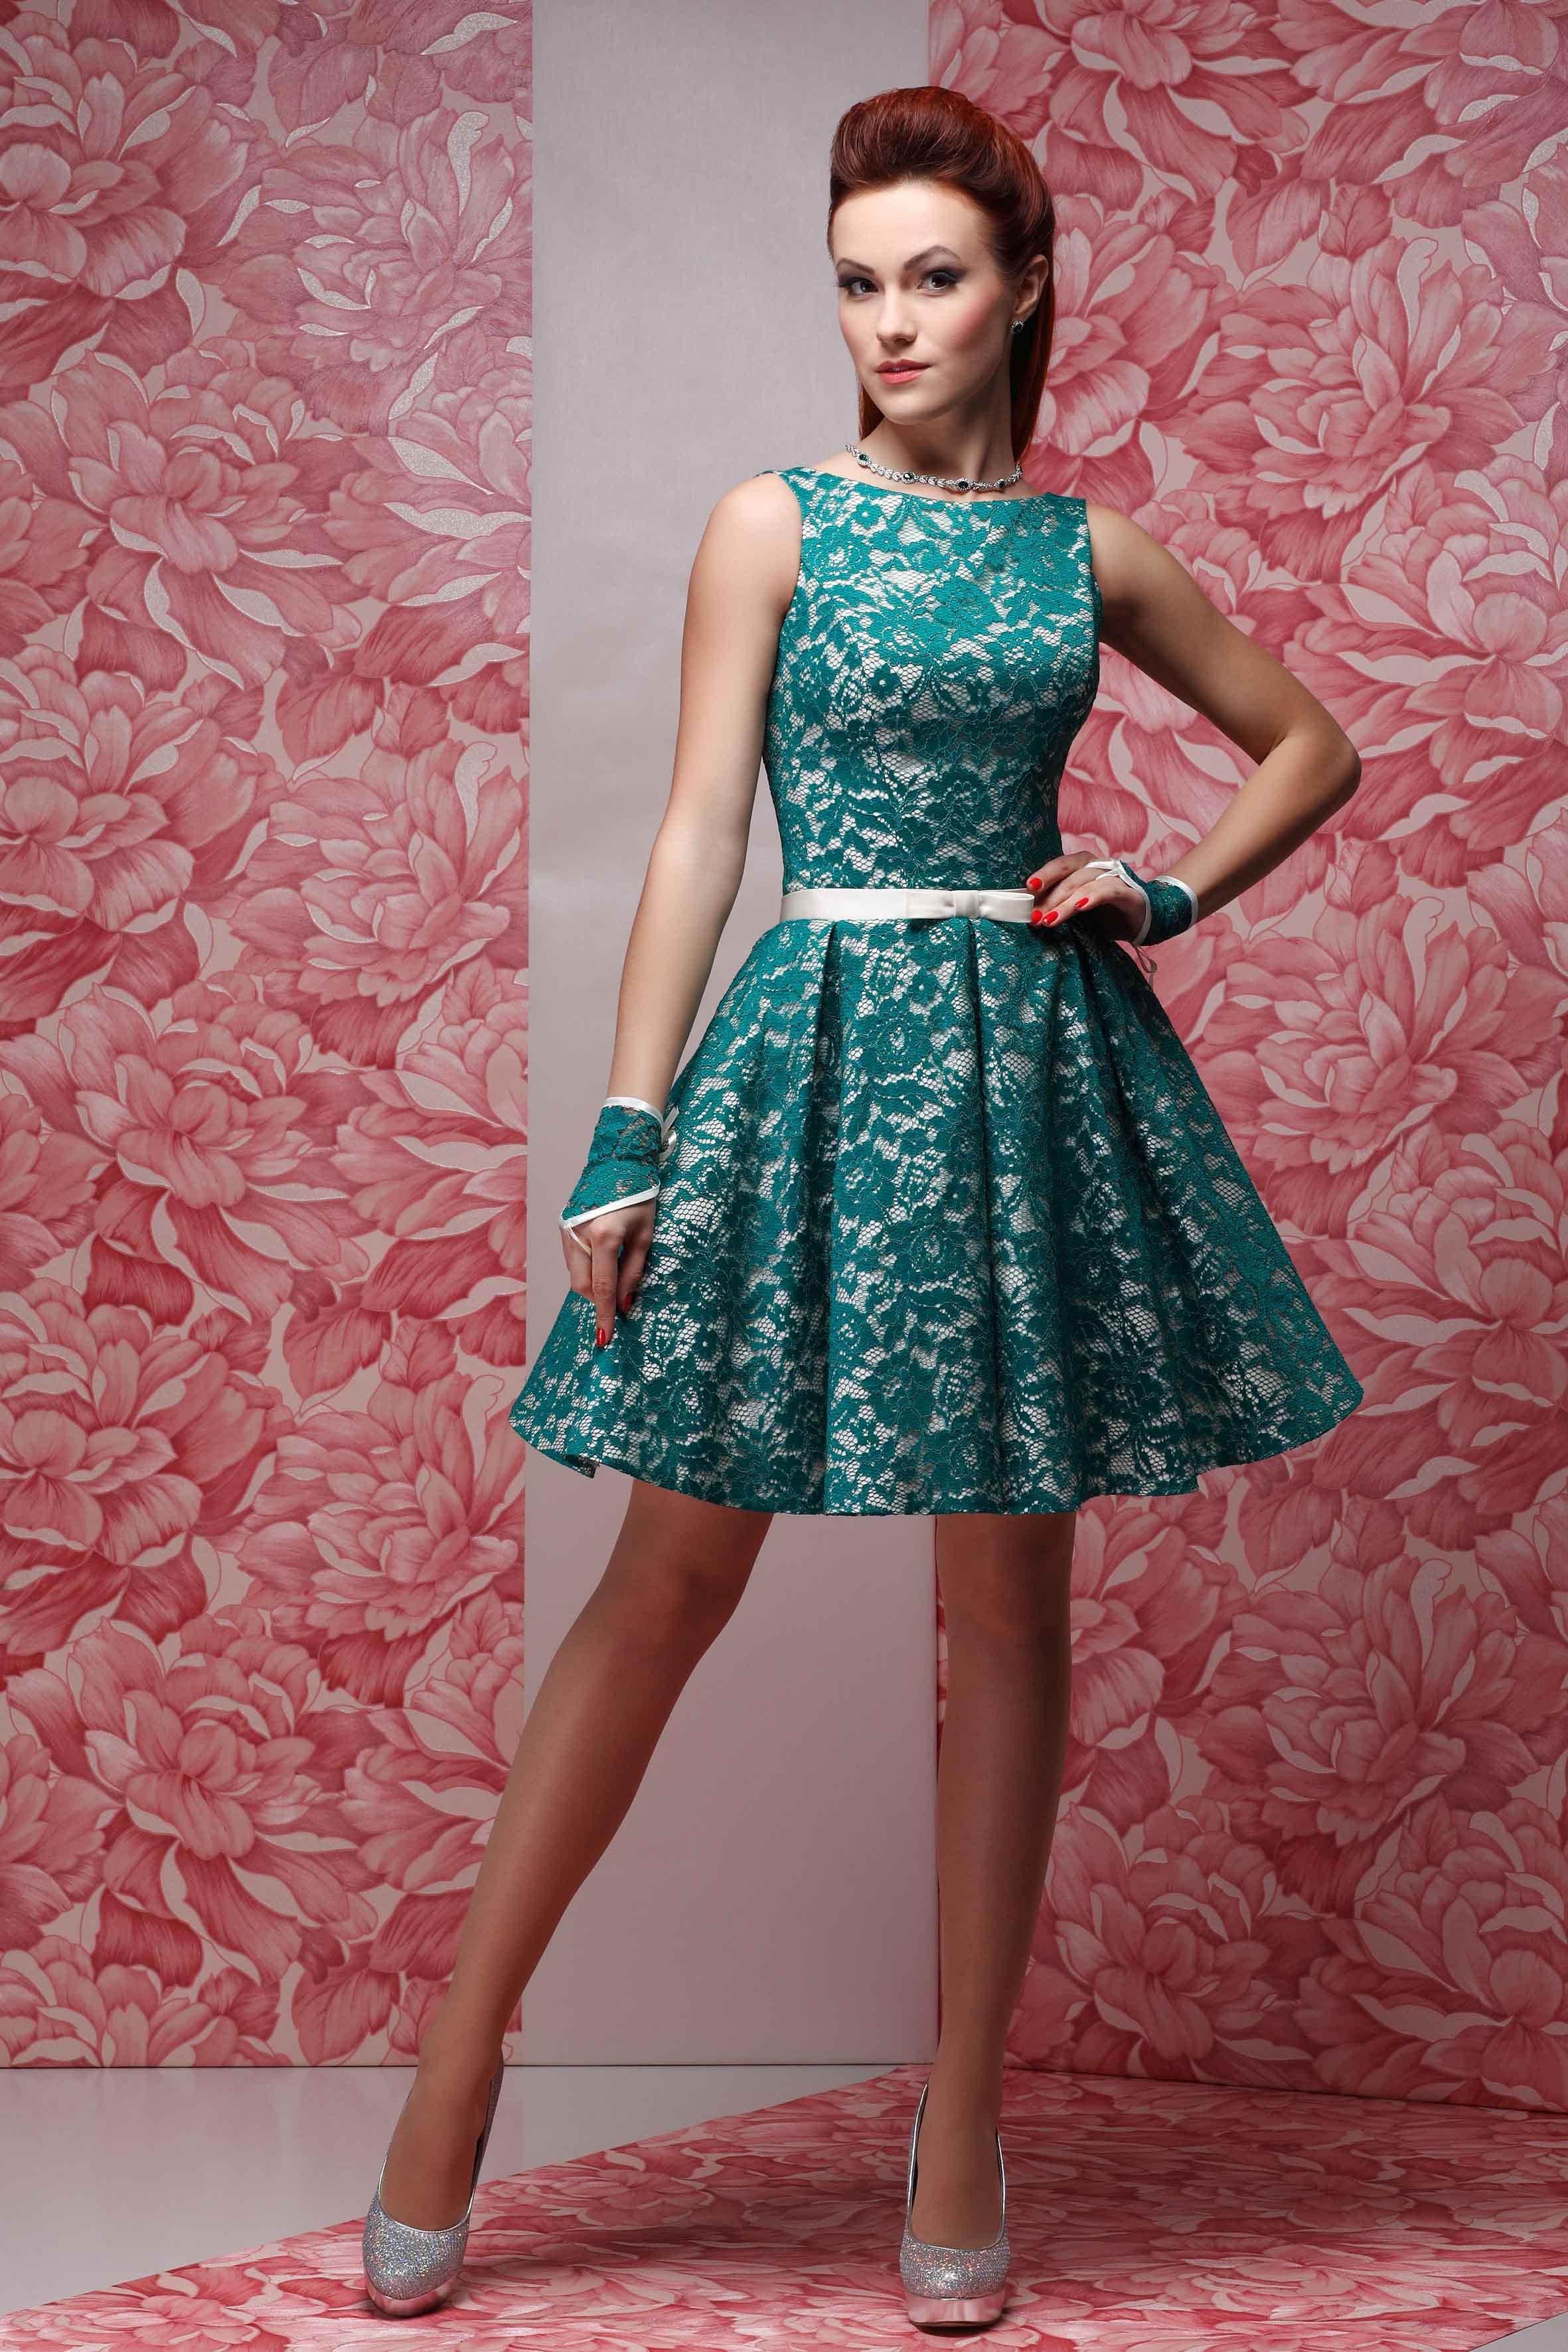 f1b0d1da939 Стильное вечернее платье из гипюра и фото разных платьев на свадьбу -  подборка для прекрасных леди